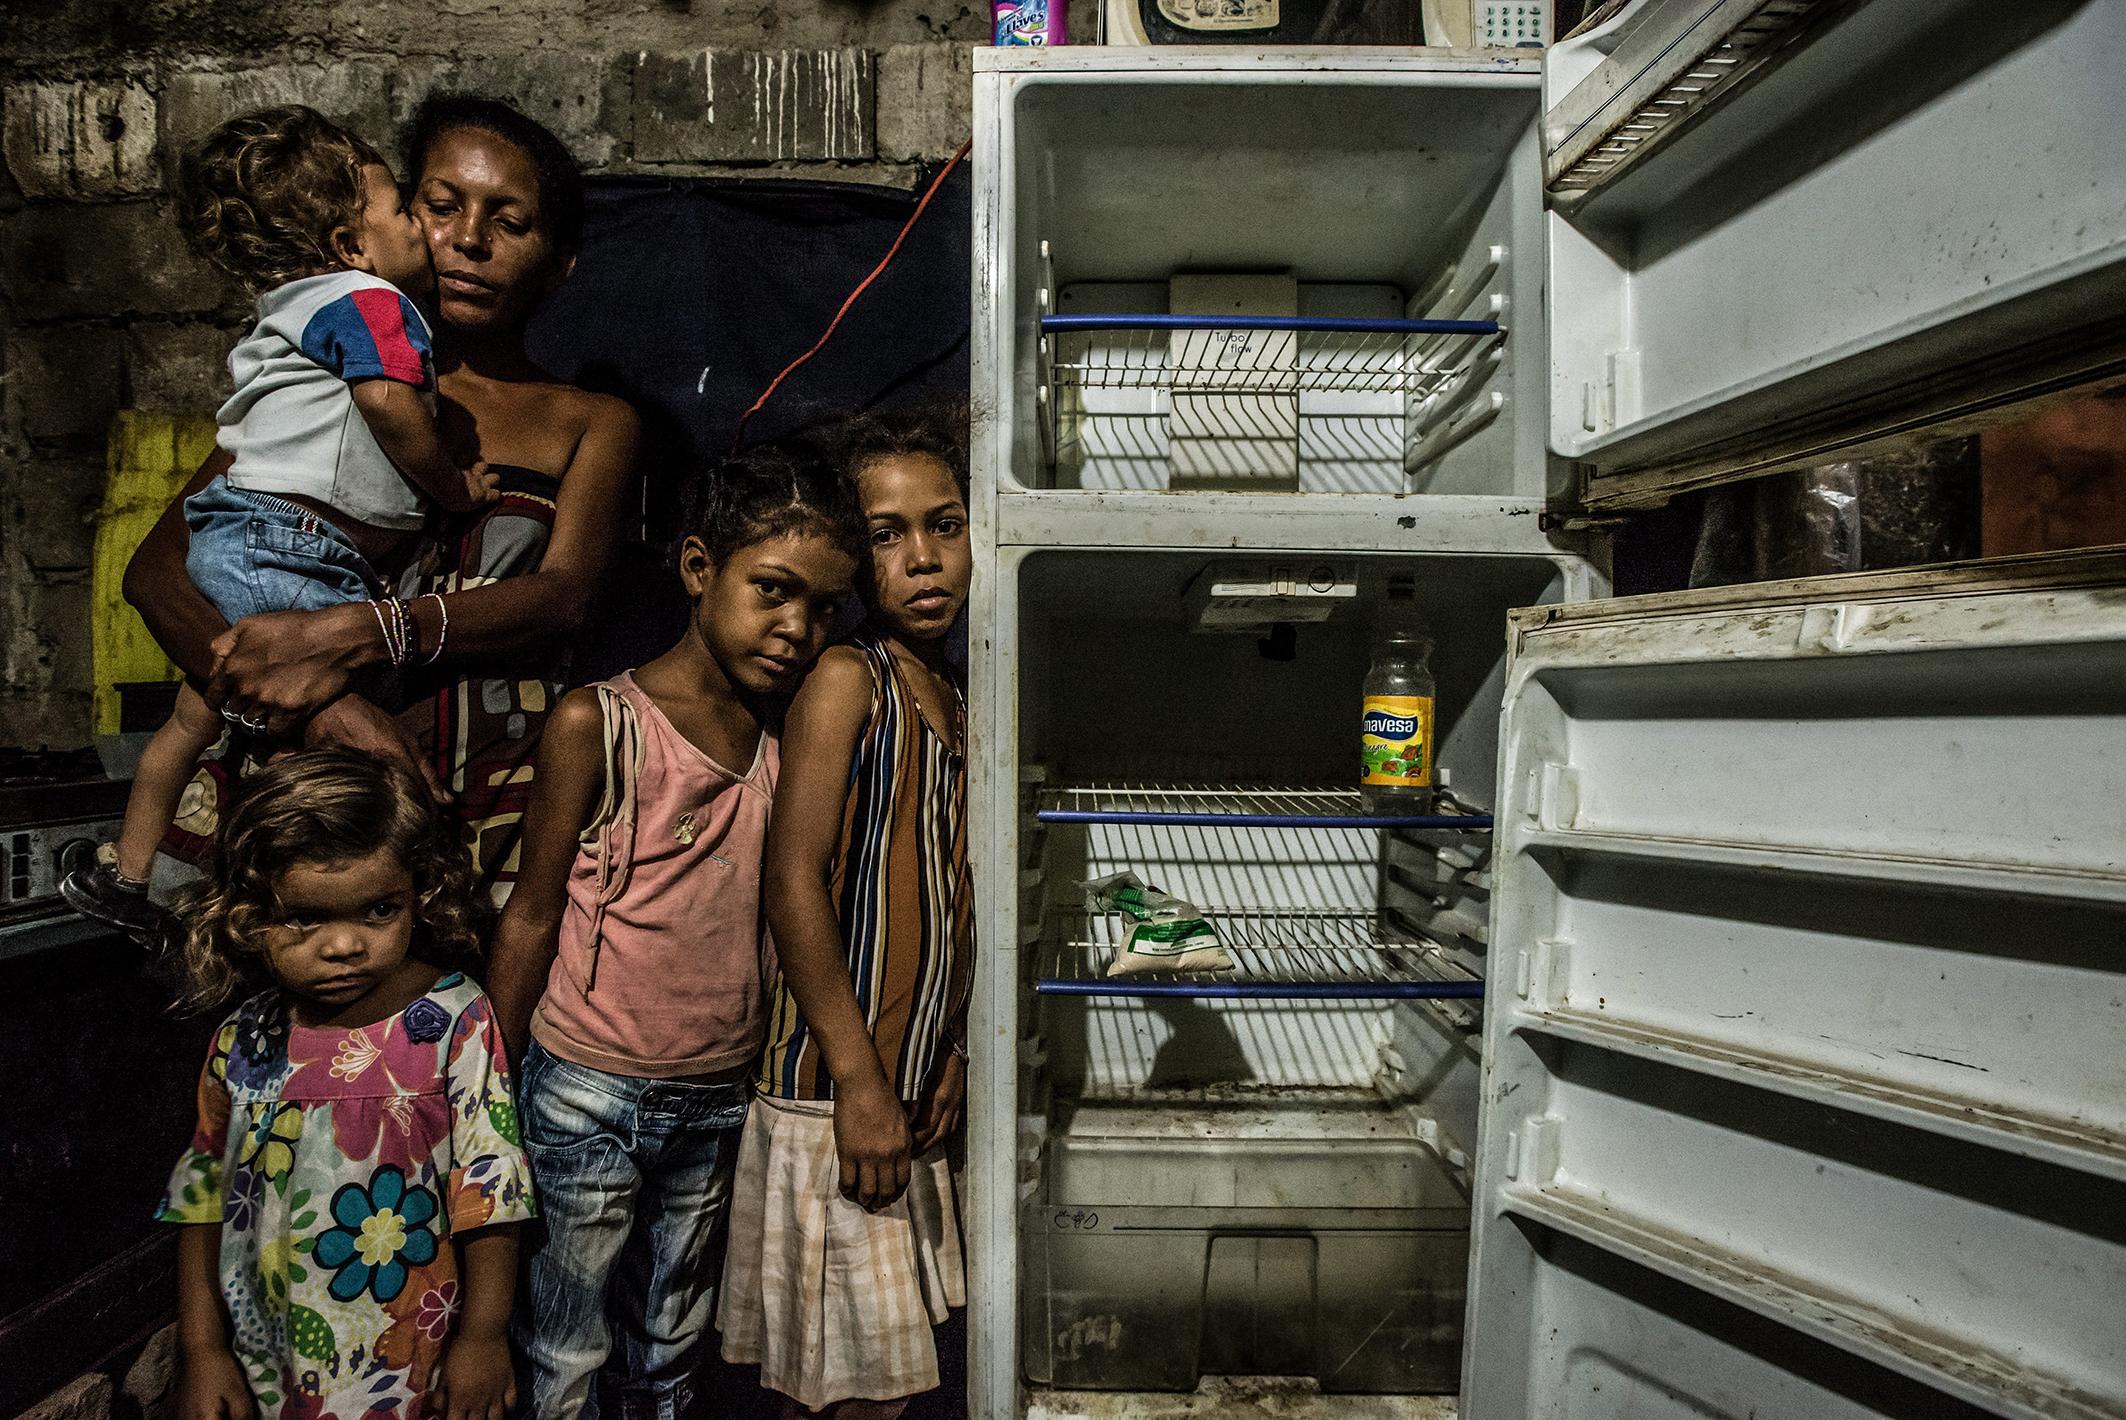 """Leidy Cordova (37 ans) avec quatre de ses cinq enfants : Abran (1 an), Deliannys (3 ans), Eliannys (6 ans) et Milianny (8 ans). La famille n'a pas mangé depuis le déjeuner de la veille, à savoir une « soupe » qui n'était autre qu'un bouillon de peau de poulet. Le réfrigérateur ne fonctionne pas et contient les seules denrées du foyer : un paquet de farine de maïs à moitié vide et une bouteille de vinaigre. 16 juin 2016. © Meridith Kohut pour The New York Times Leidy Cordova (37) with four of her five children: Abran (1), Deliannys (3), Eliannys (6), and Milianny (8). The family had not eaten since lunch the day before, and that was """"soup"""" made by boiling chicken skin and fat. The refrigerator is not working, and contains the only food in the house: half a bag of flour and a bottle of vinegar. June 16, 2016. © Meridith Kohut for The New York Times"""